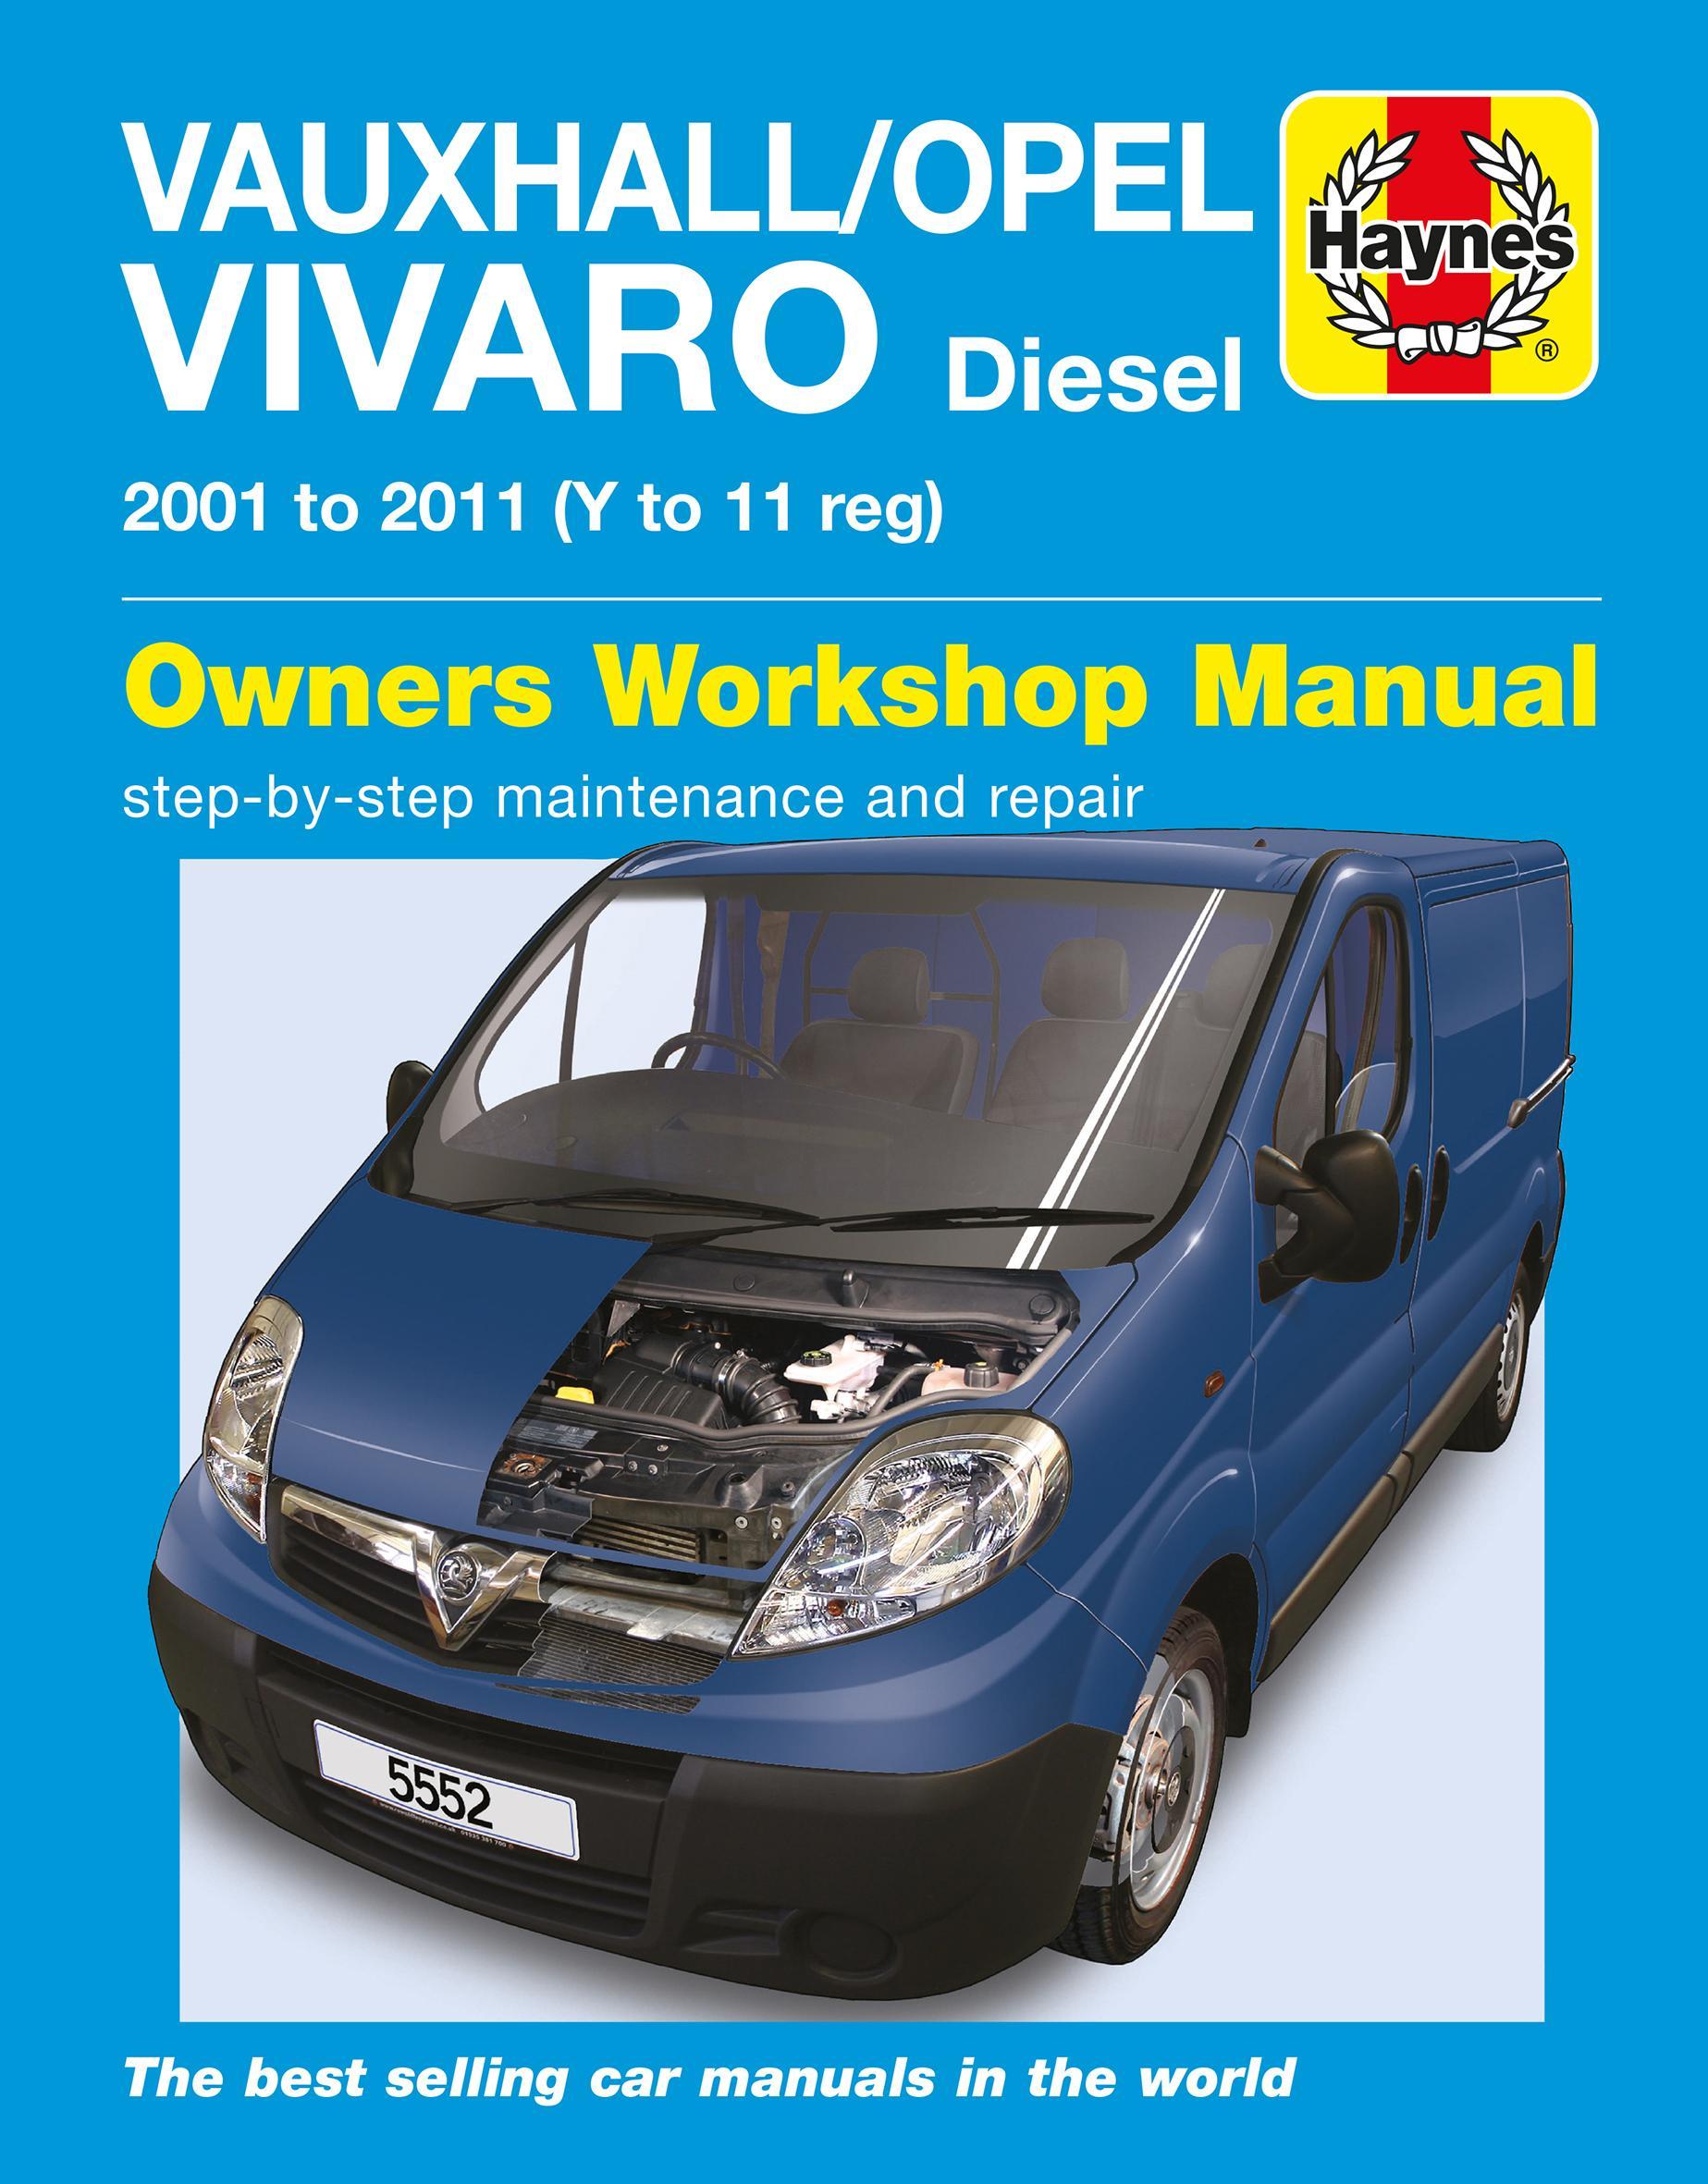 haynes vauxhall opel vivaro diesel rh halfords com Vauxhall Vivaro Interior Vauxhall Vivaro Camper